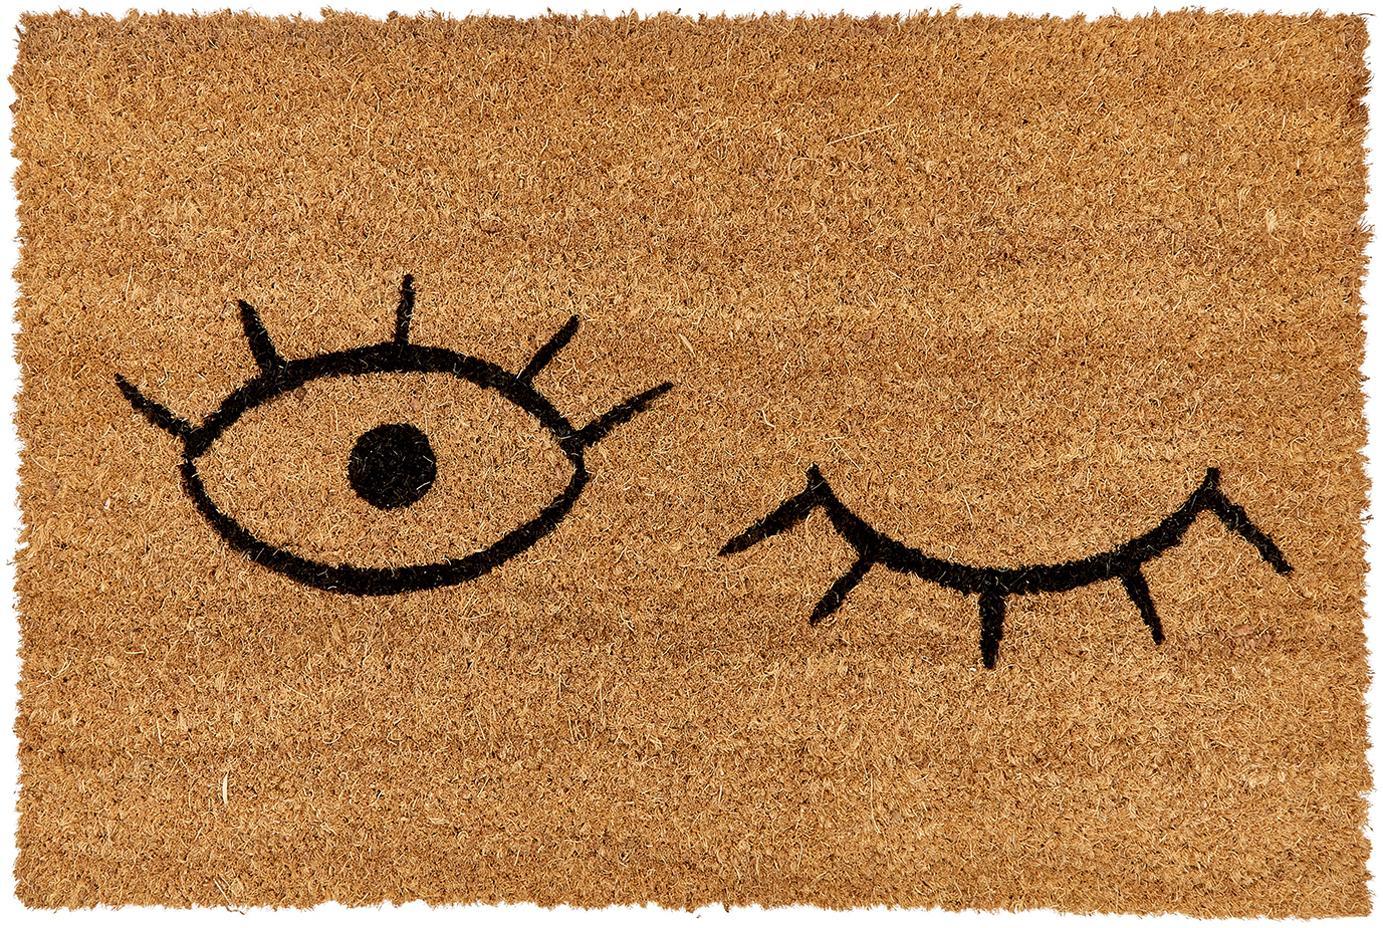 Deurmat Wink, Bovenzijde: kokosvezels, Onderzijde: kunststof (PVC), Bovenzijde: beige, zwart. Onderzijde: zwart, 40 x 60 cm